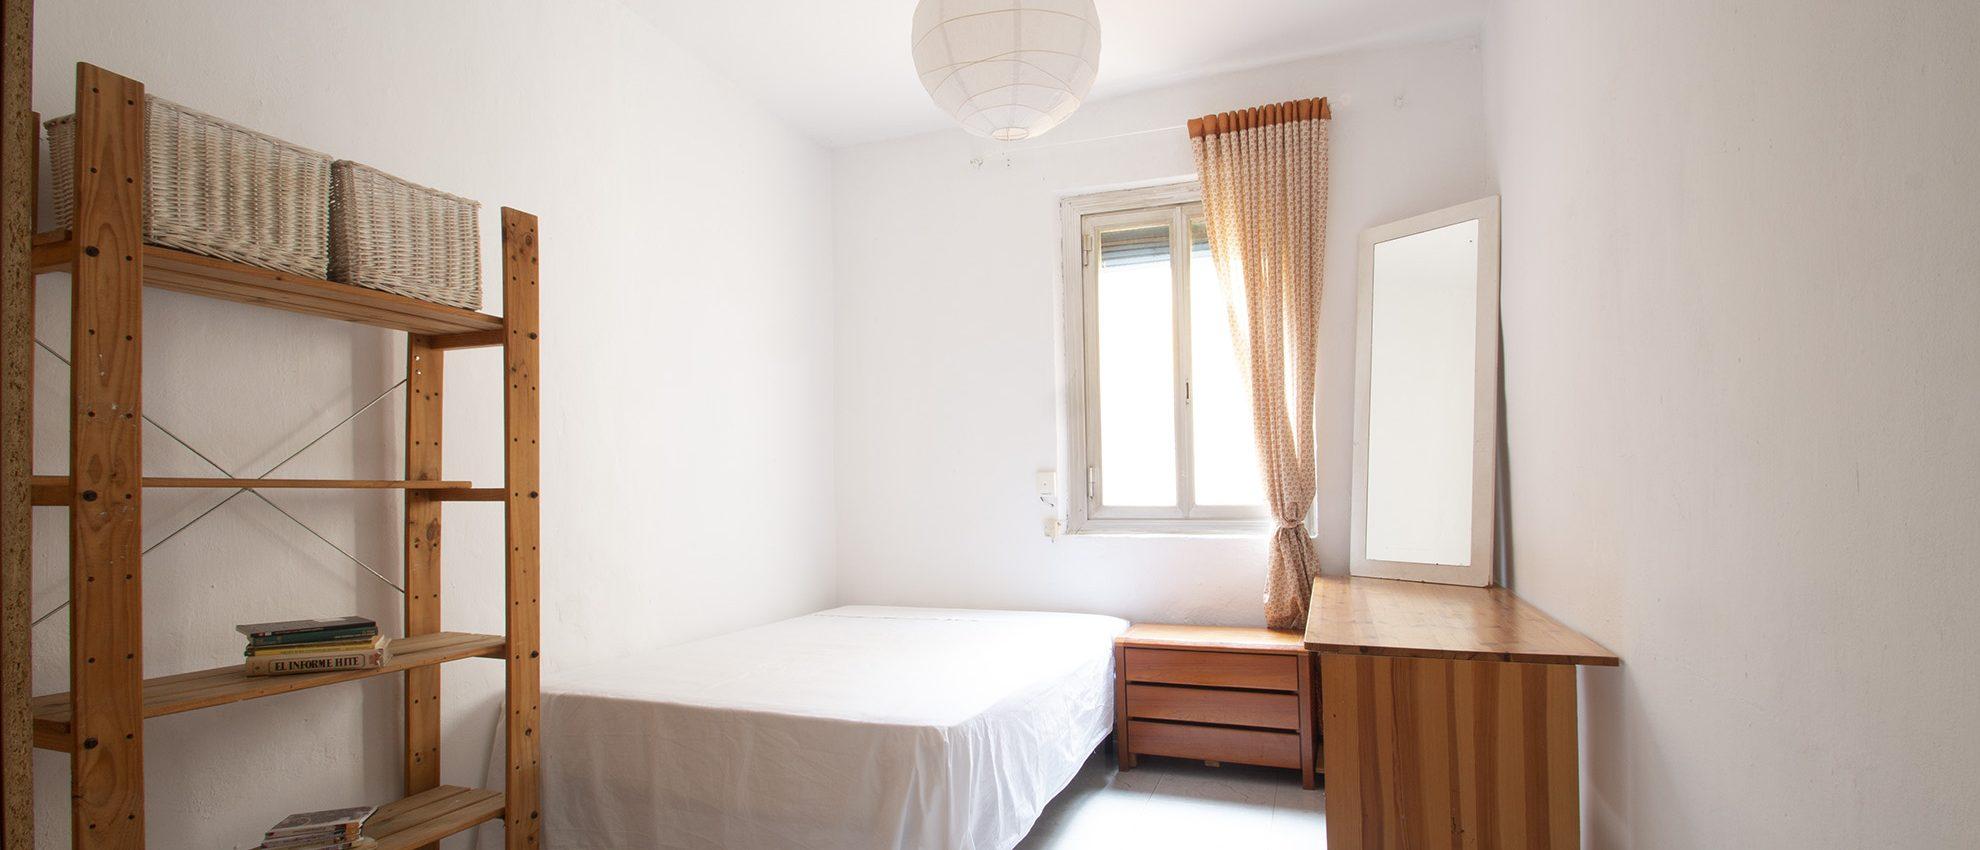 Roca apartment